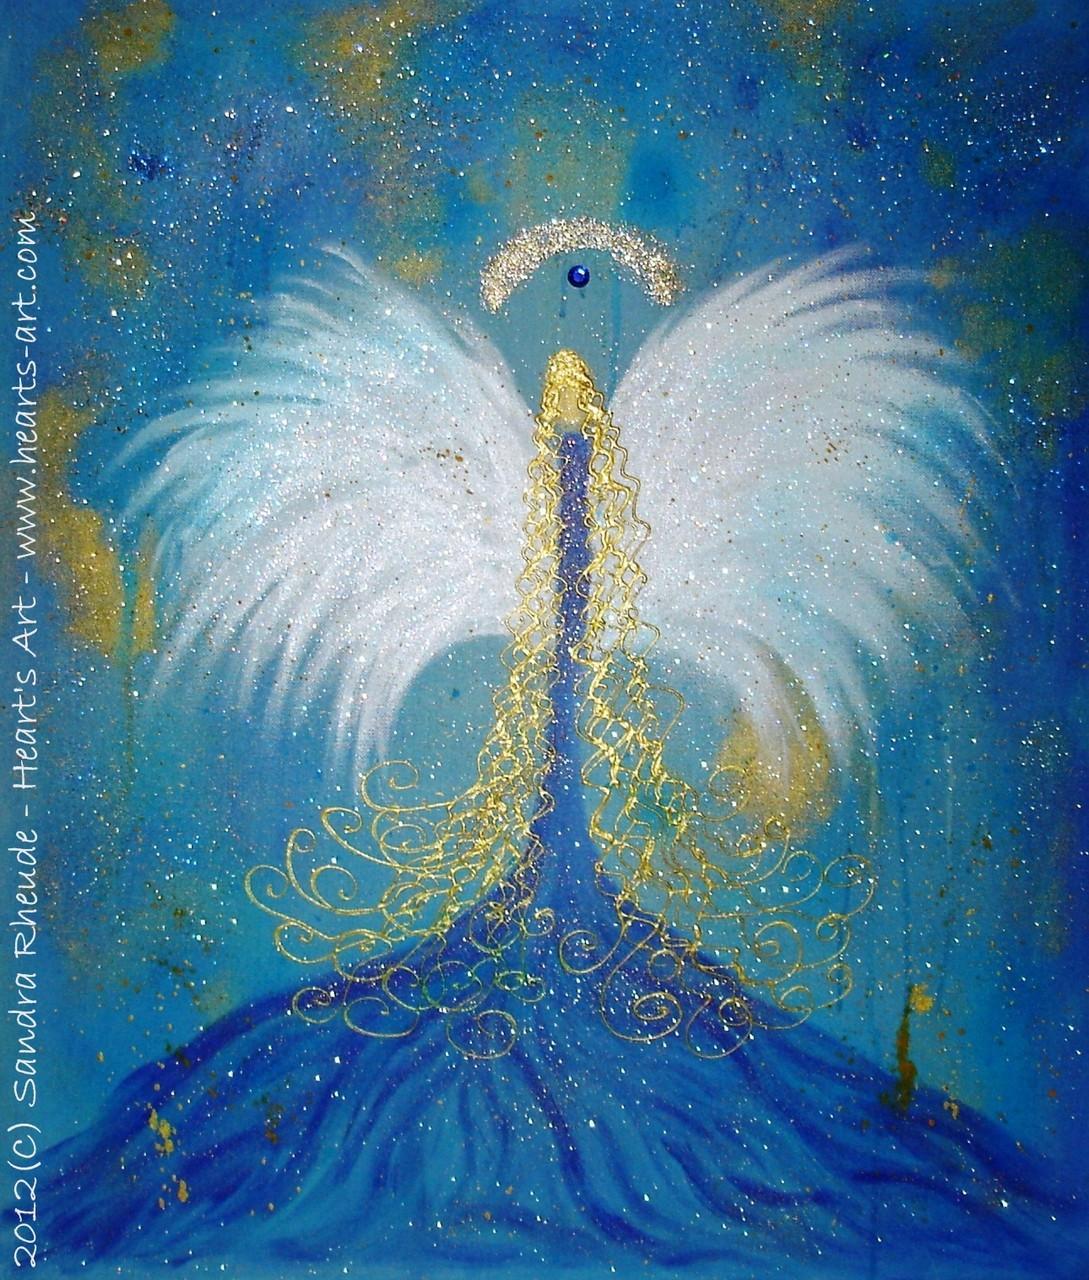 'Michael' - 2012/67 - Acryl auf Leinwand - 60 x 70 cm - verkauft